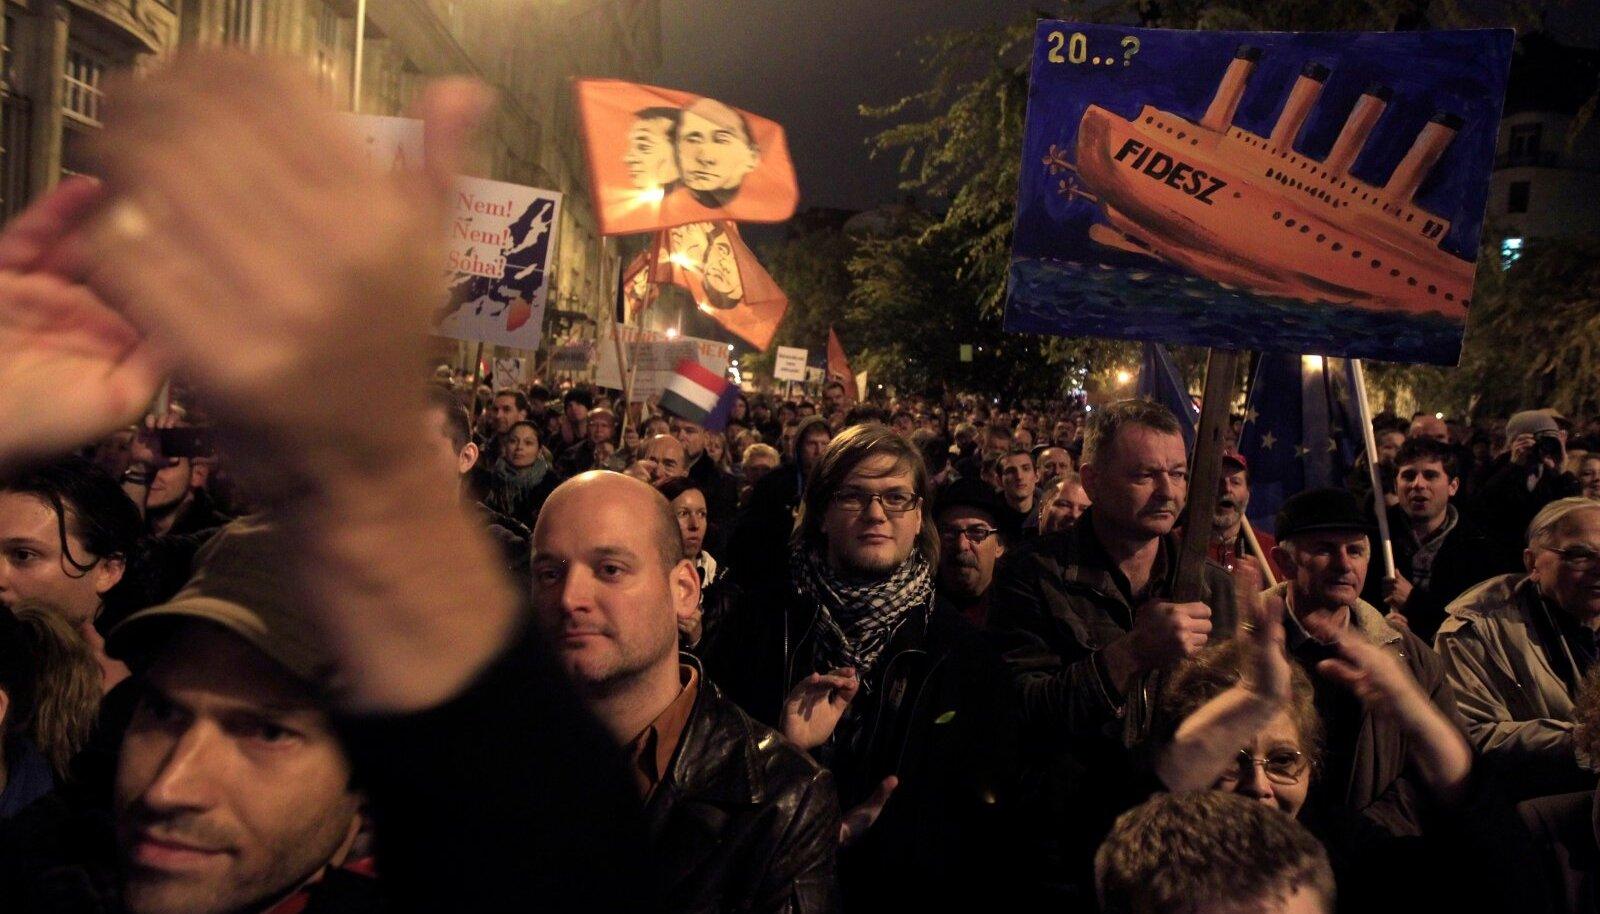 KÕIK POLE SUGUGI RAHUL: Nii Ungaris kui ka Poolas on populistliku laamendamise vastu pidevalt protestitud, aga tulemusteta.